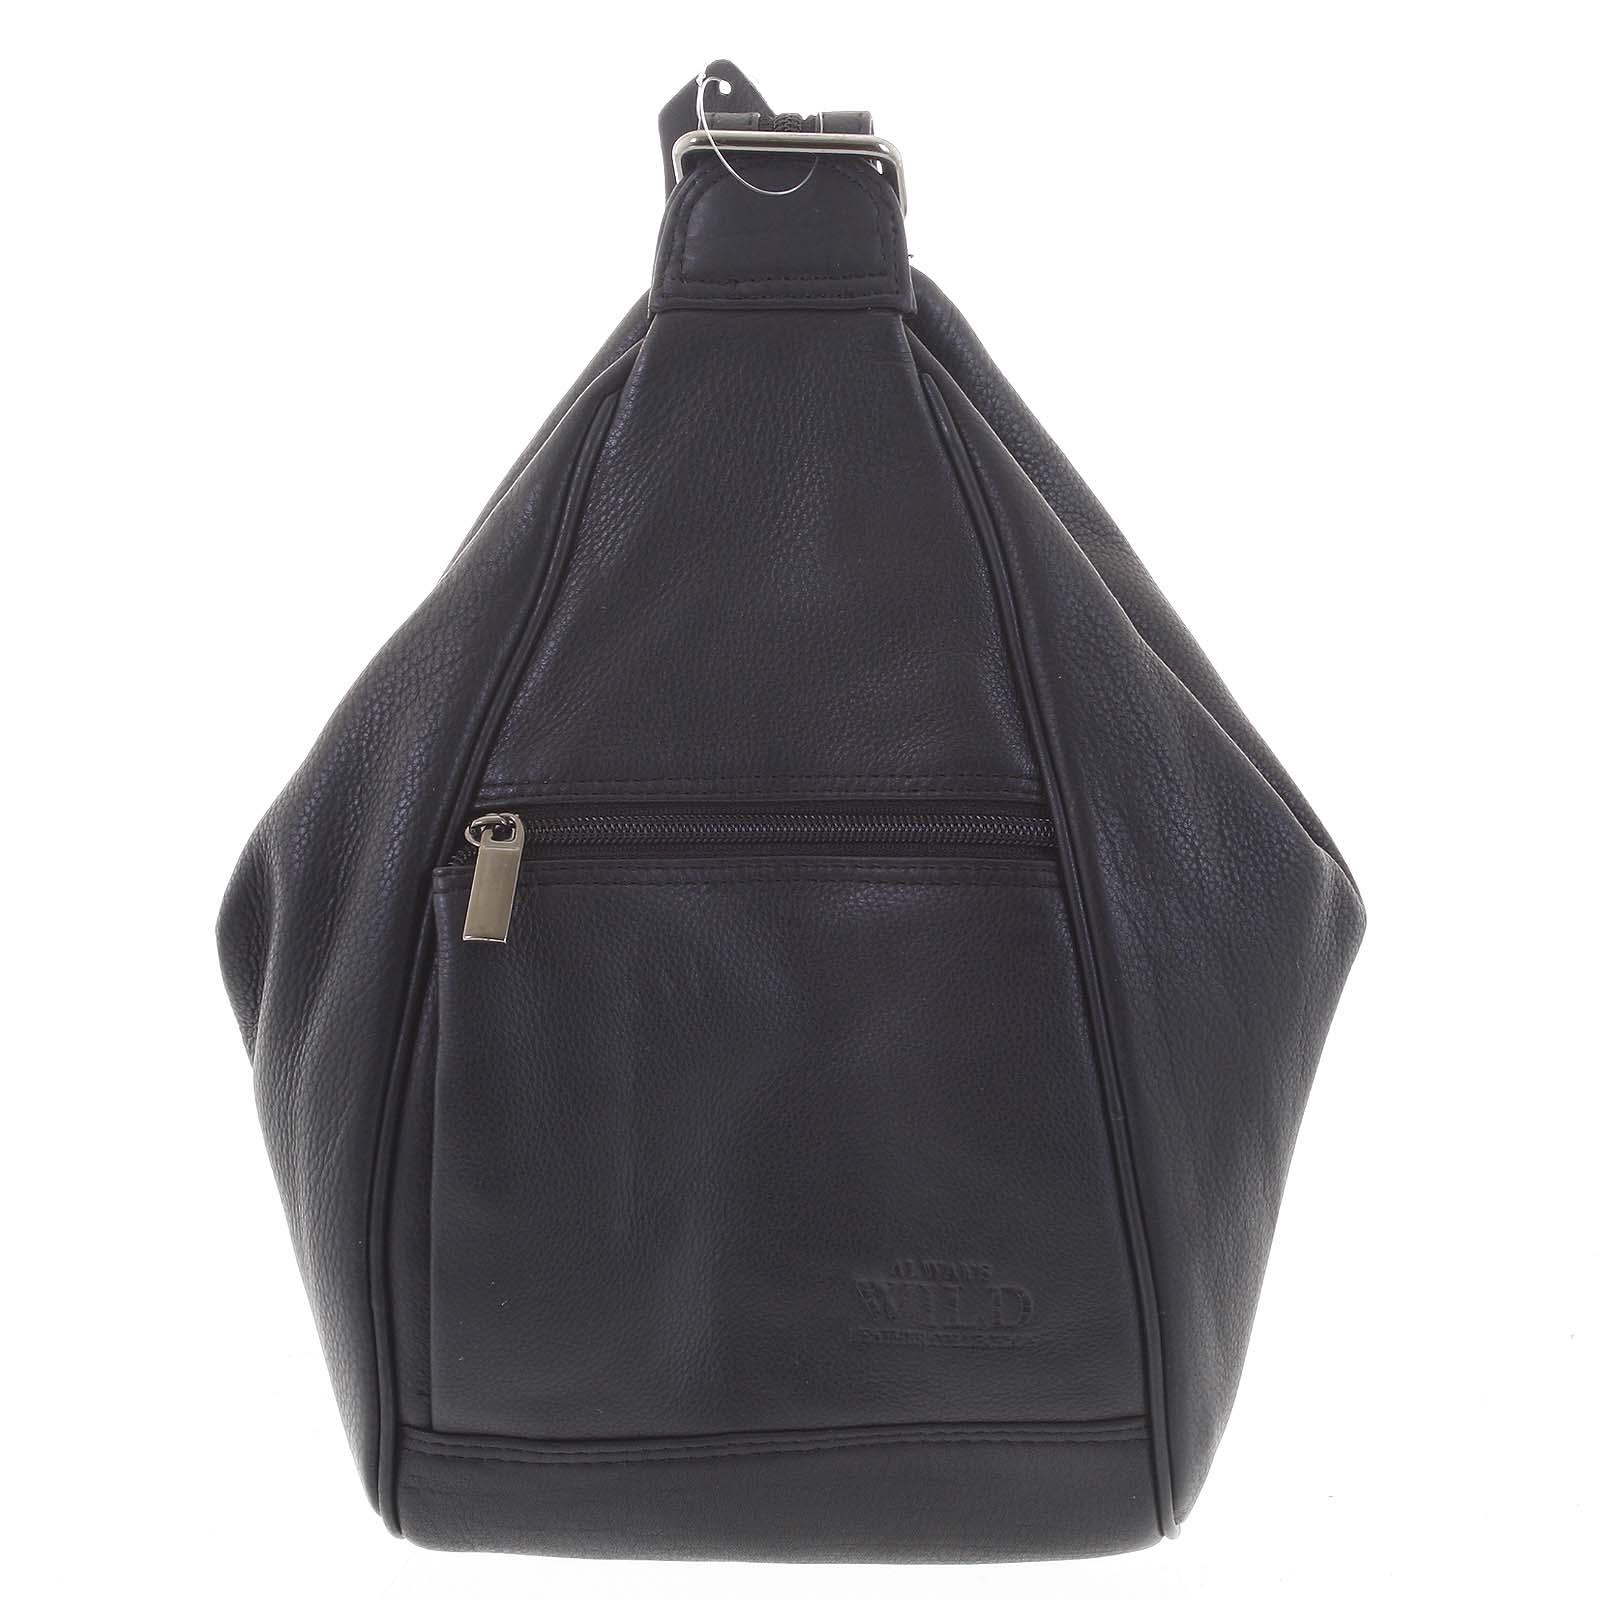 Dámský kožený batůžek černý - WILD Queen